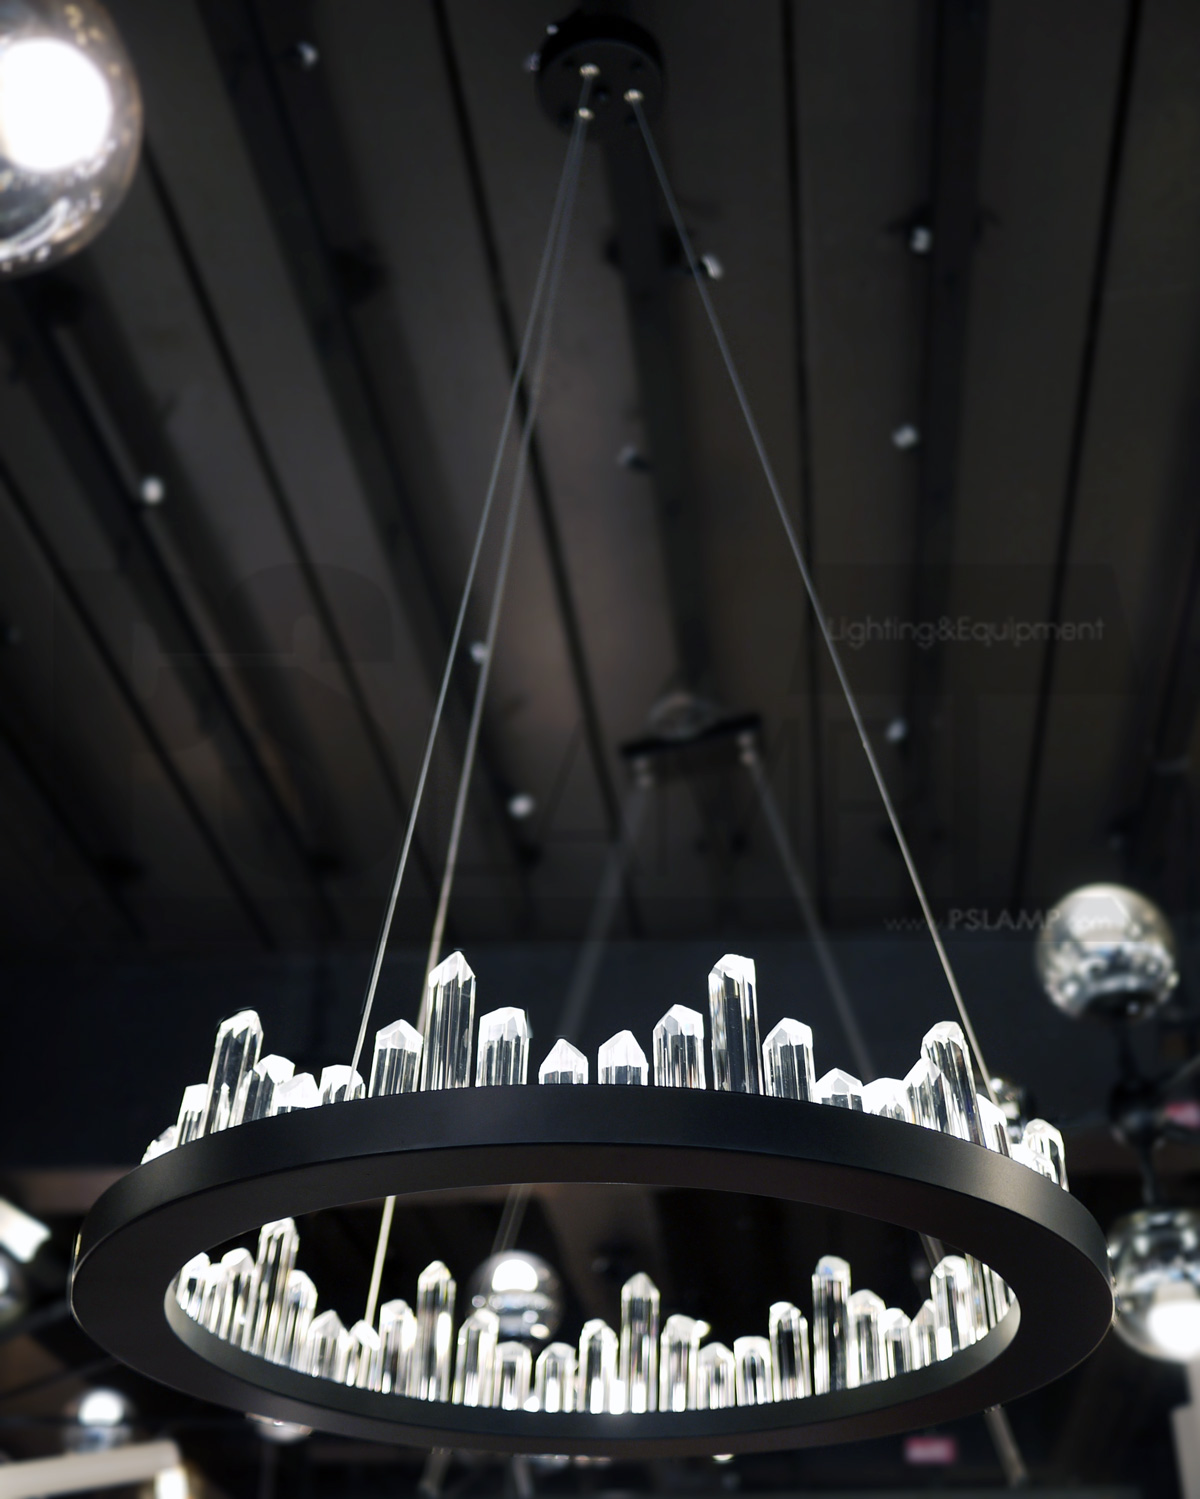 โคมไฟระย้า โคมไฟเพดาน โคมไฟแขวน โคมไฟโมเดิร์น โคมไฟช่อ LFC1029